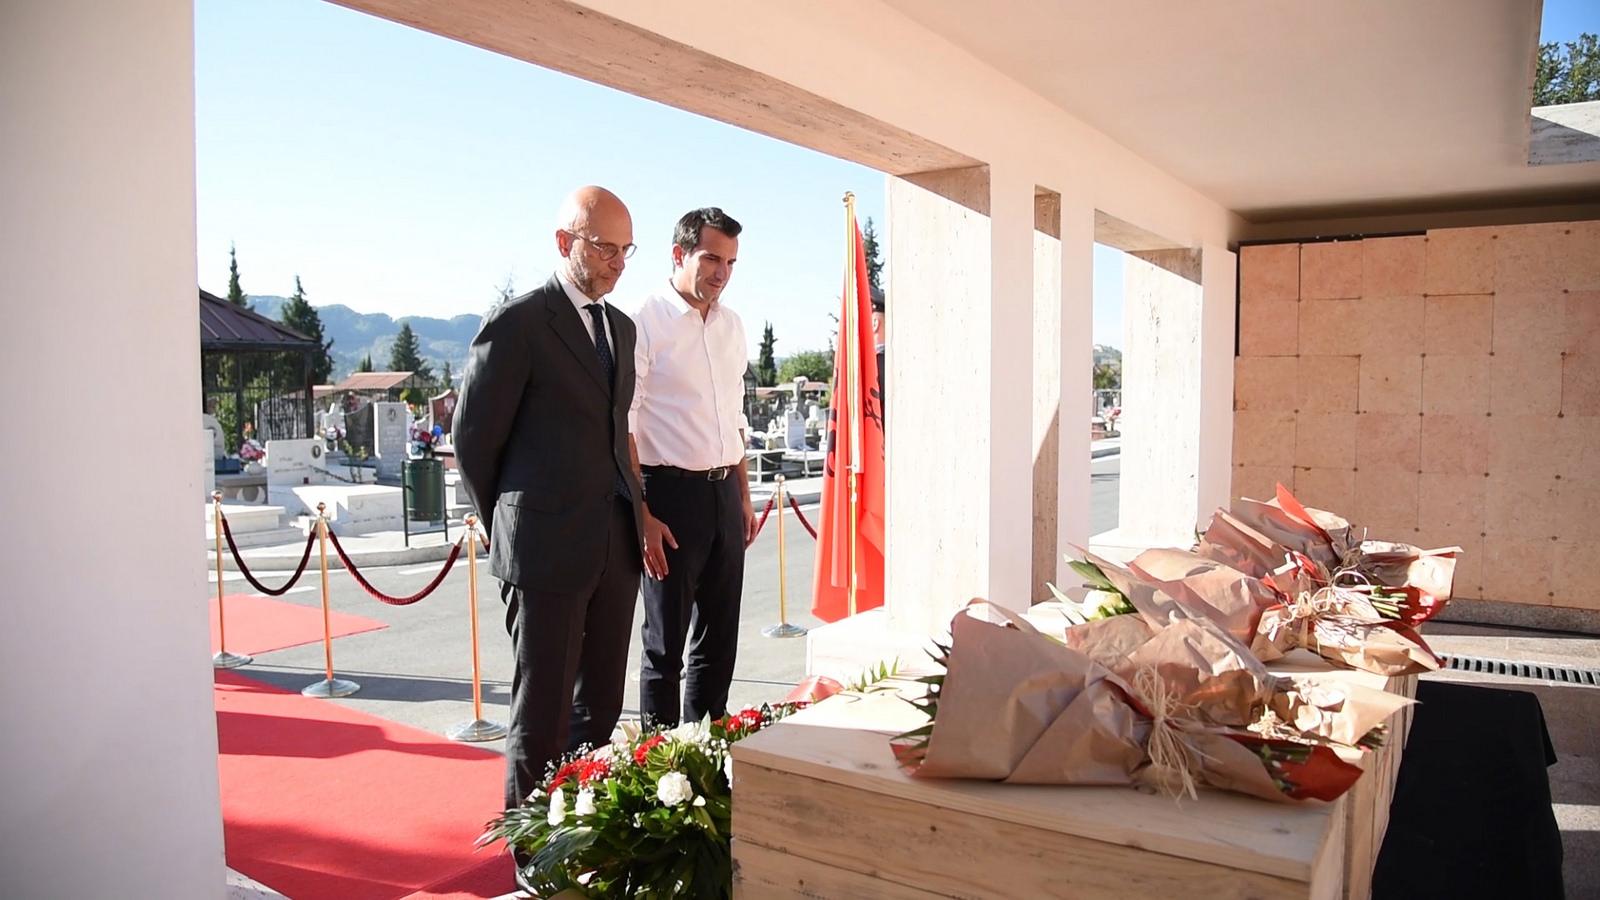 Zhvillohet ceremonia e rivarrosjes së 6 italianëve në varrezat murale